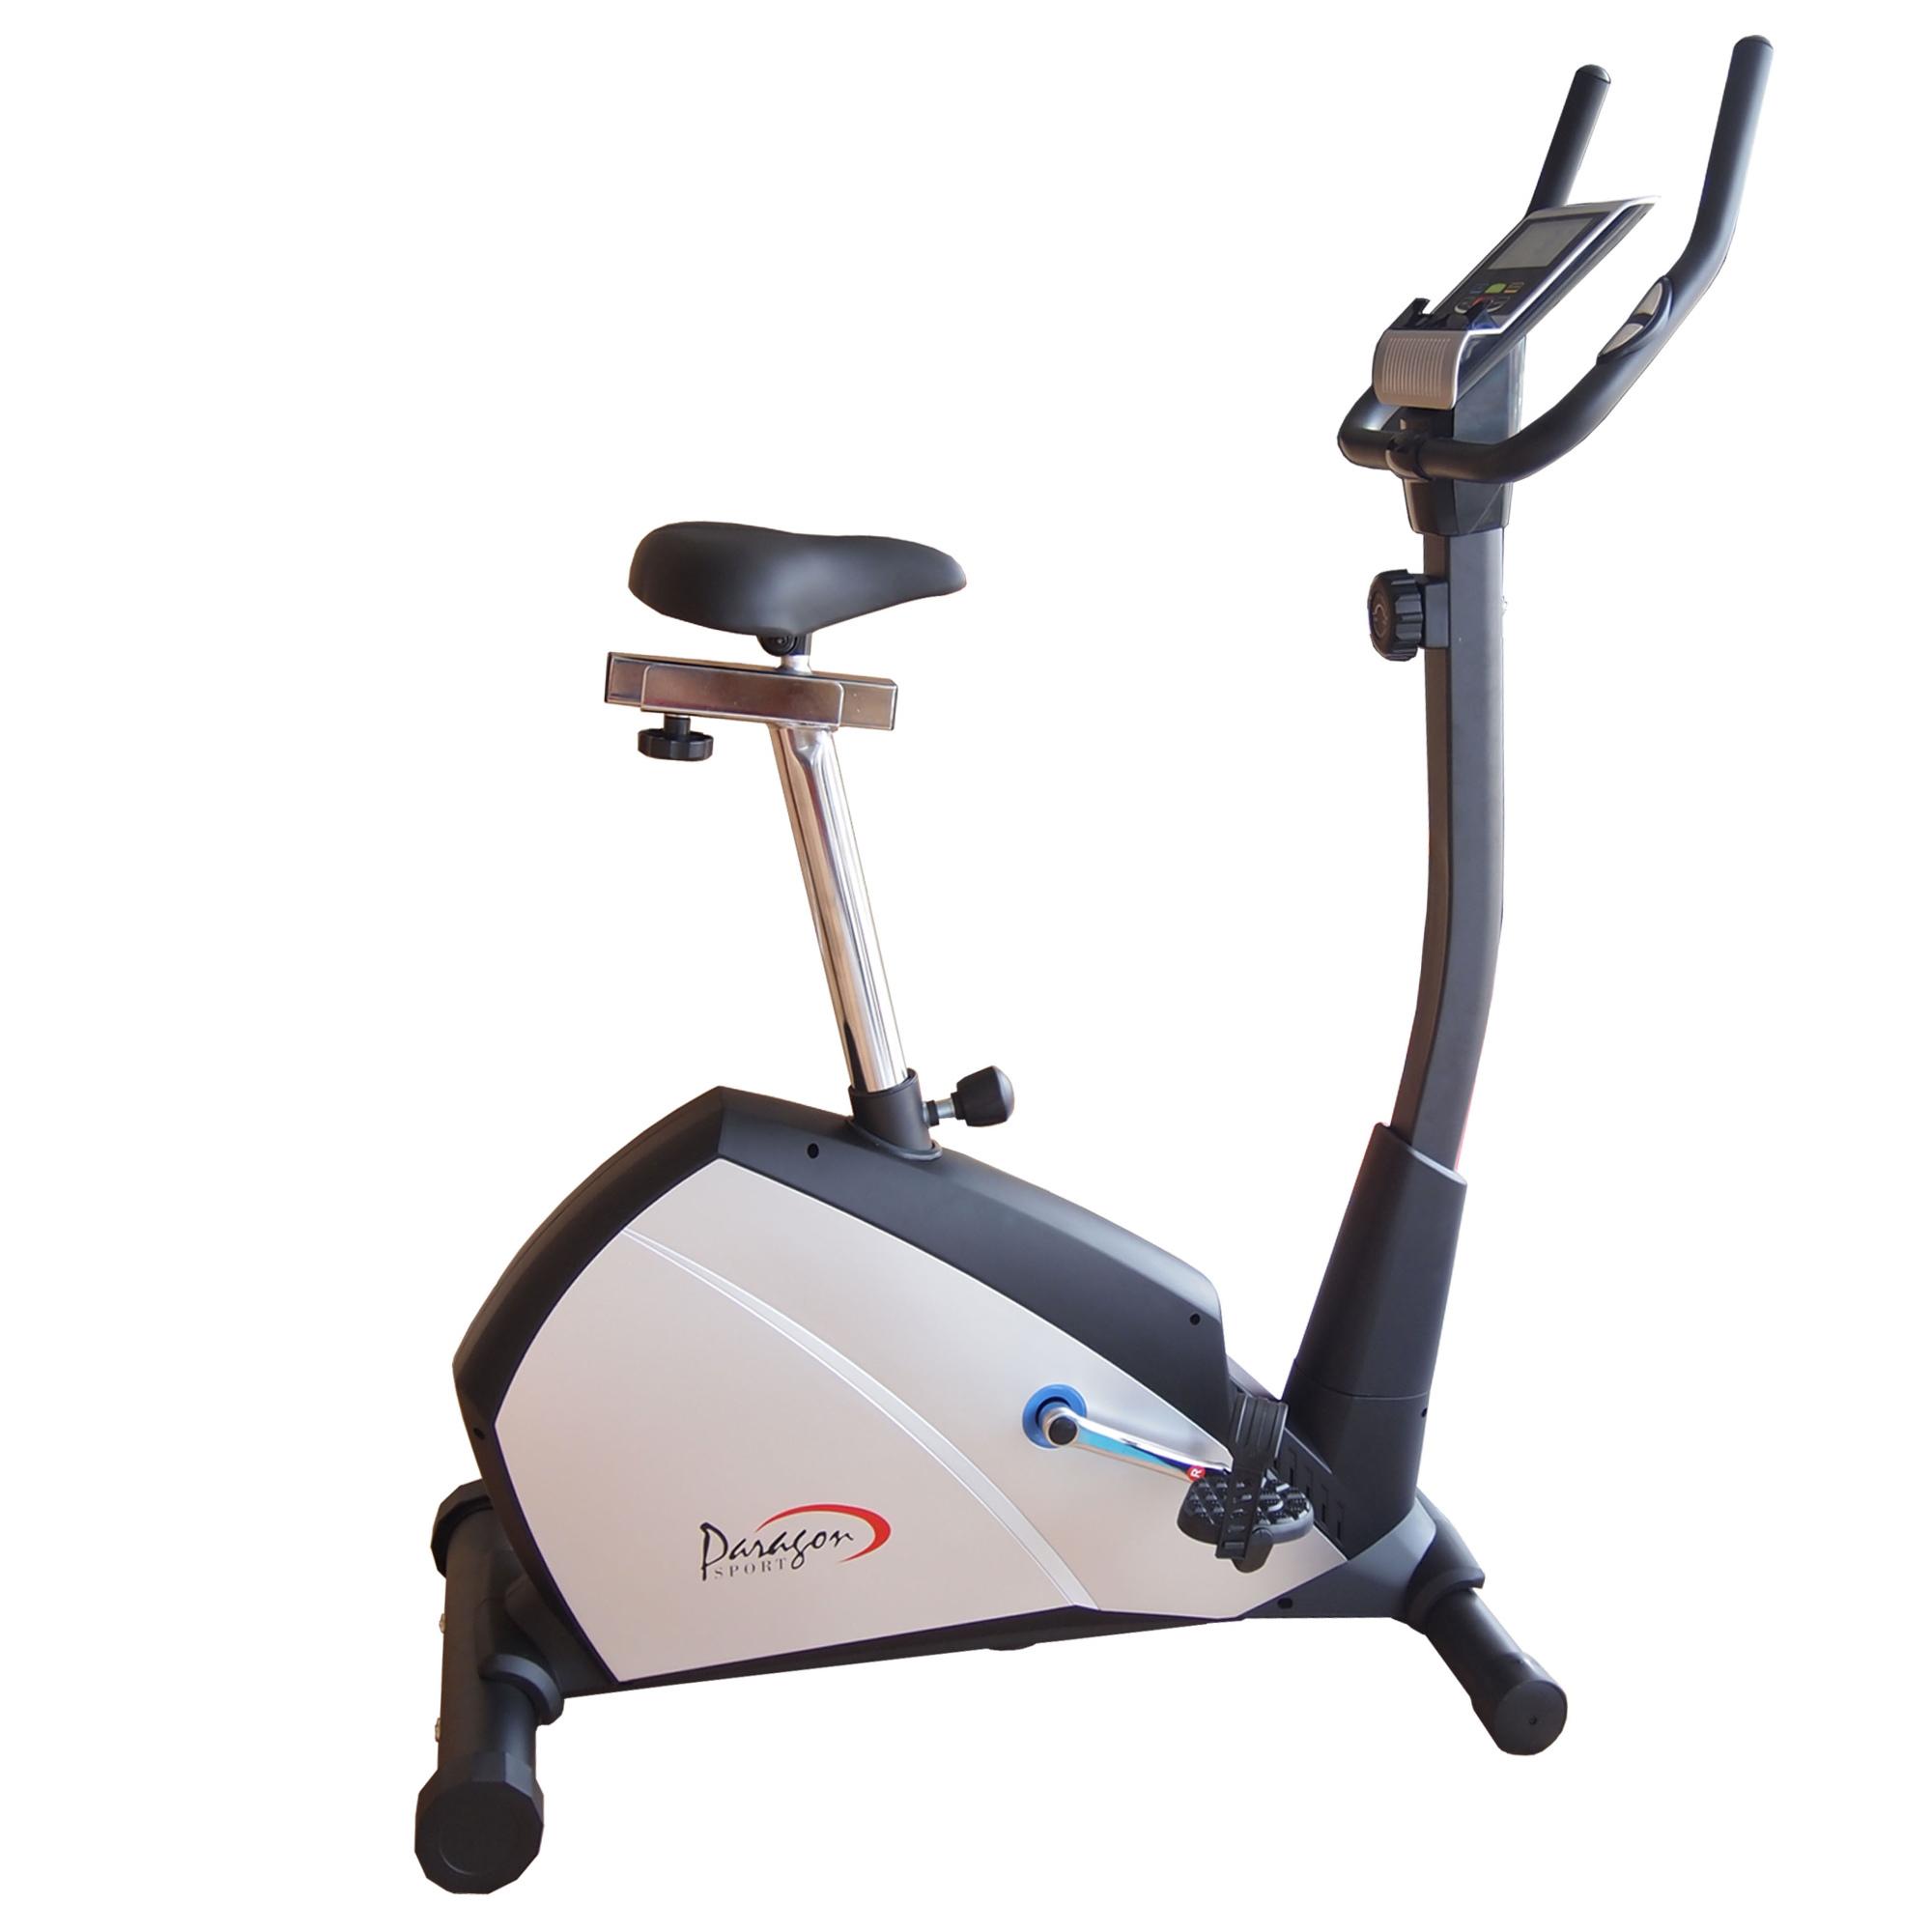 จักรยานนั่งปั่น : Paragon PG5964U - 5.5 KG.